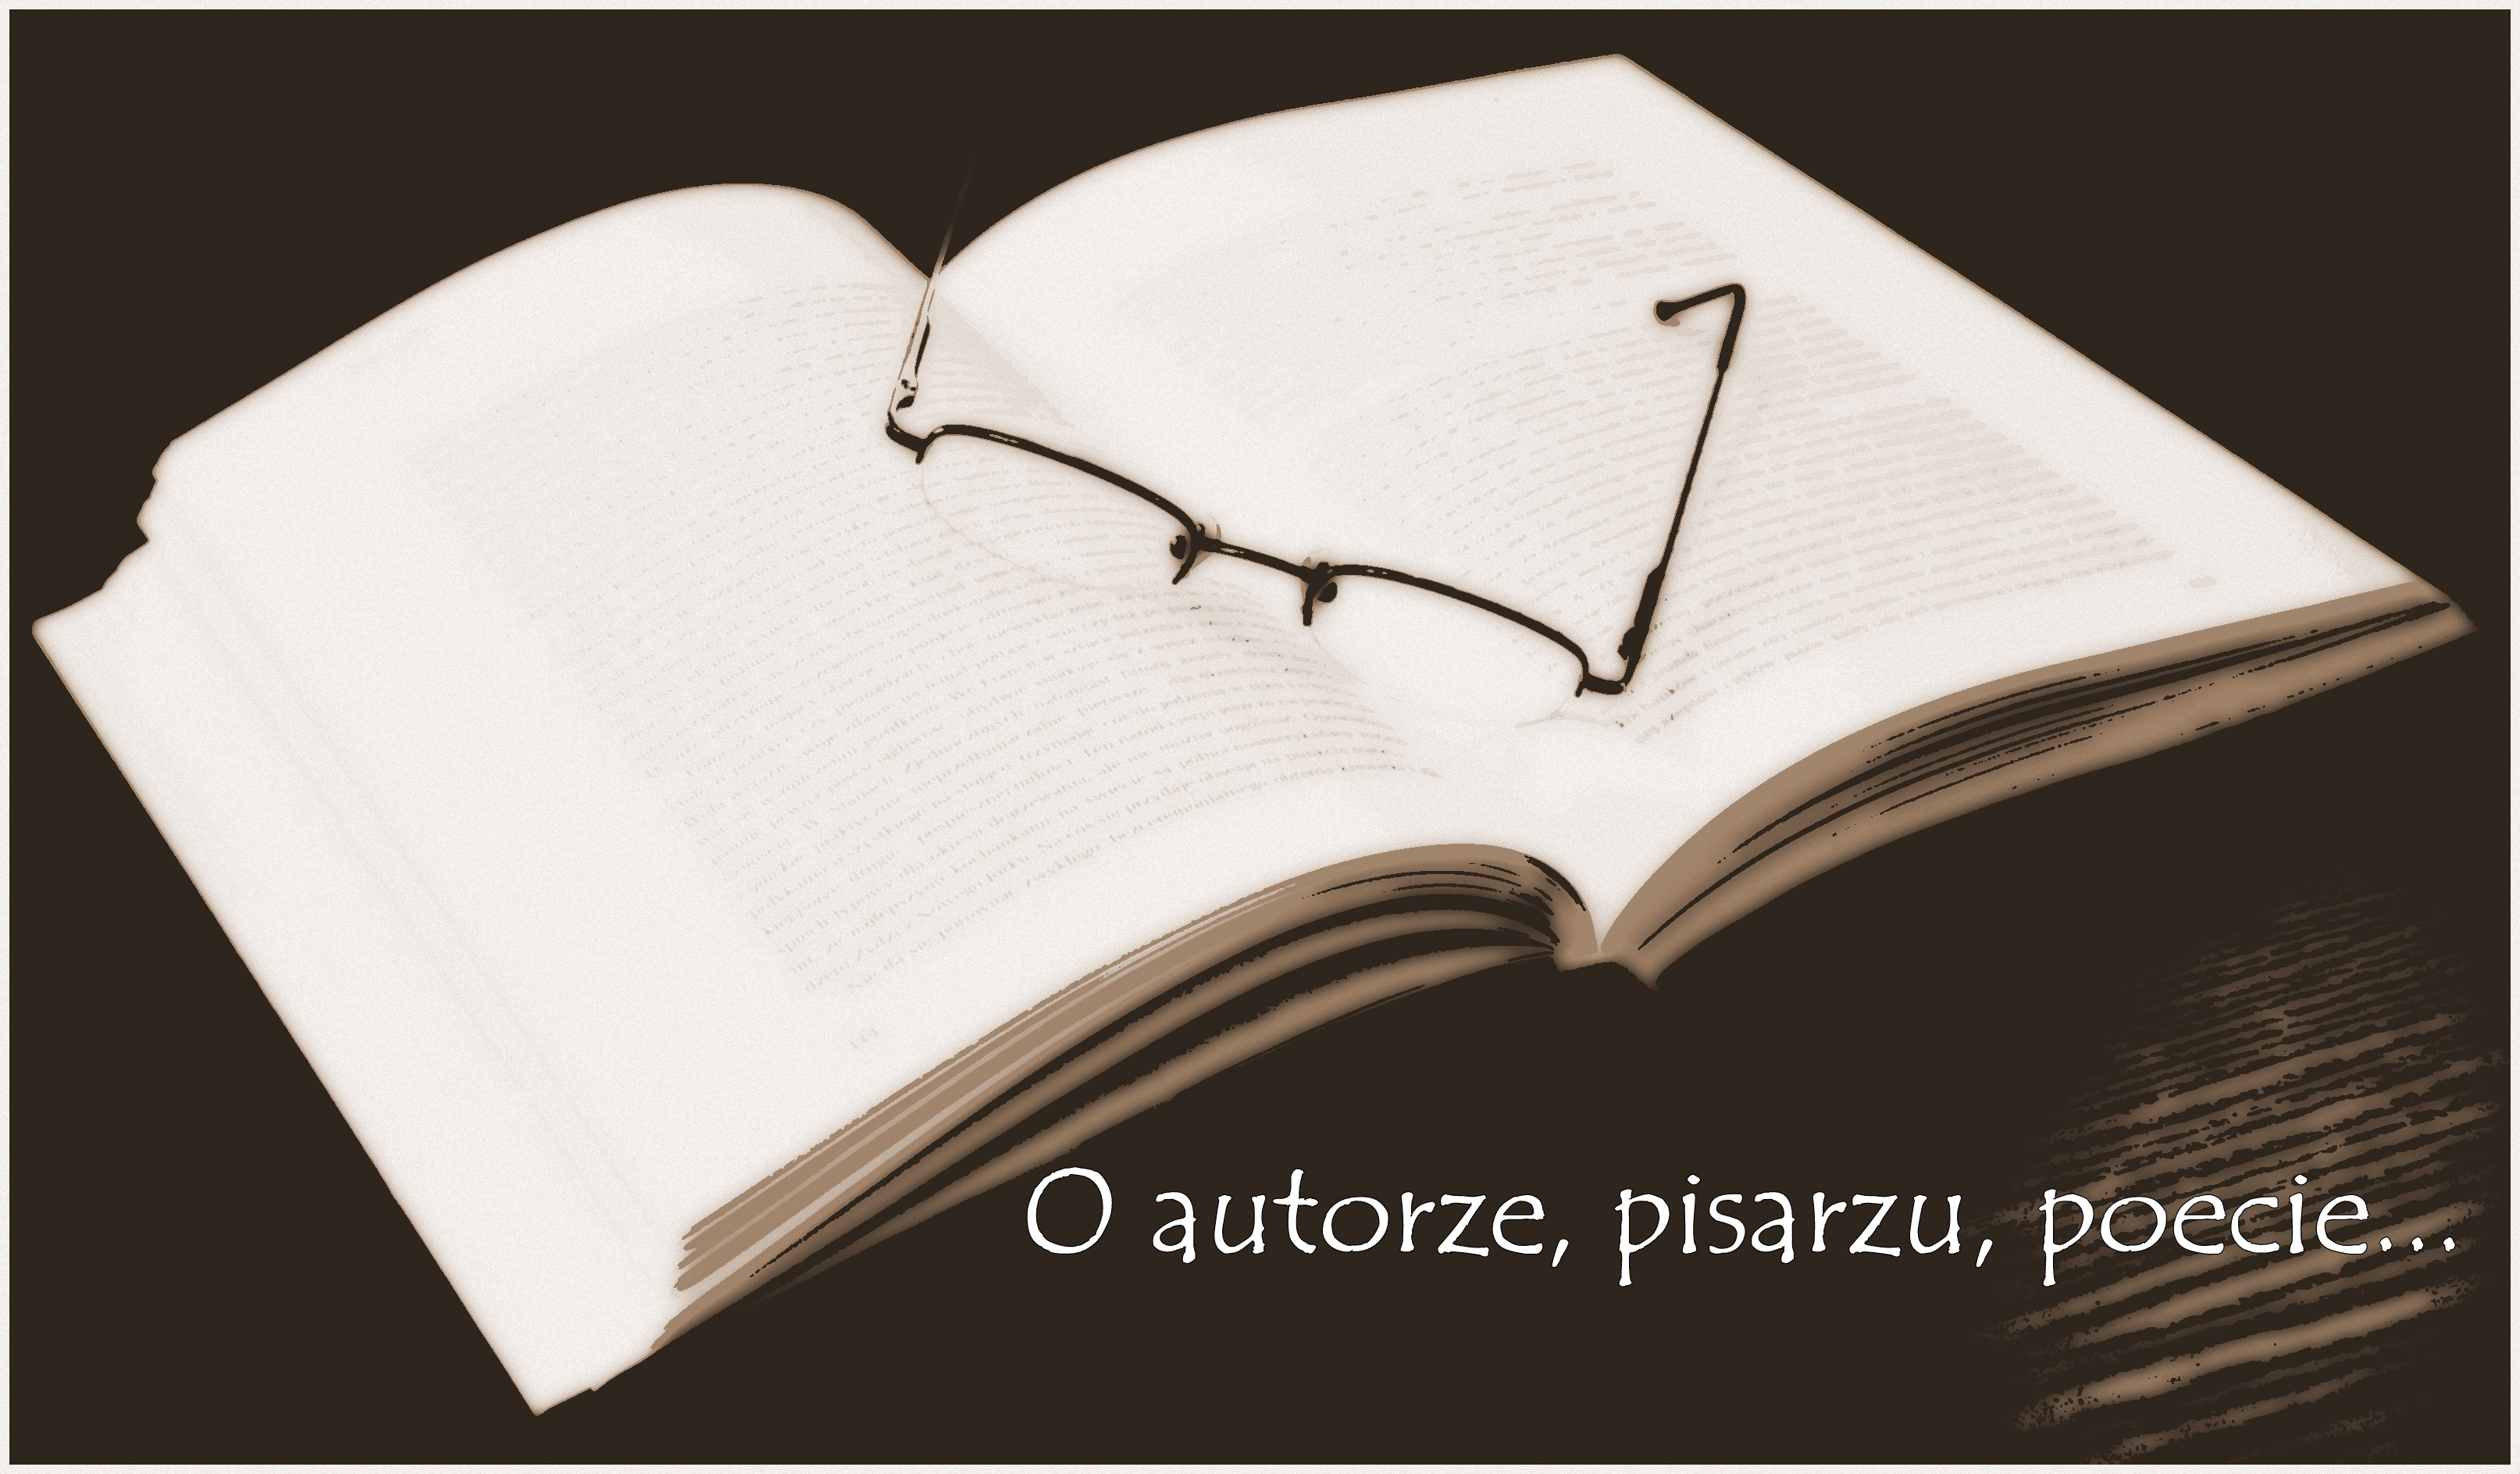 janusz-lasgorski-autor-cyklu-pietno-pielgrzyma-o-ksiazkach